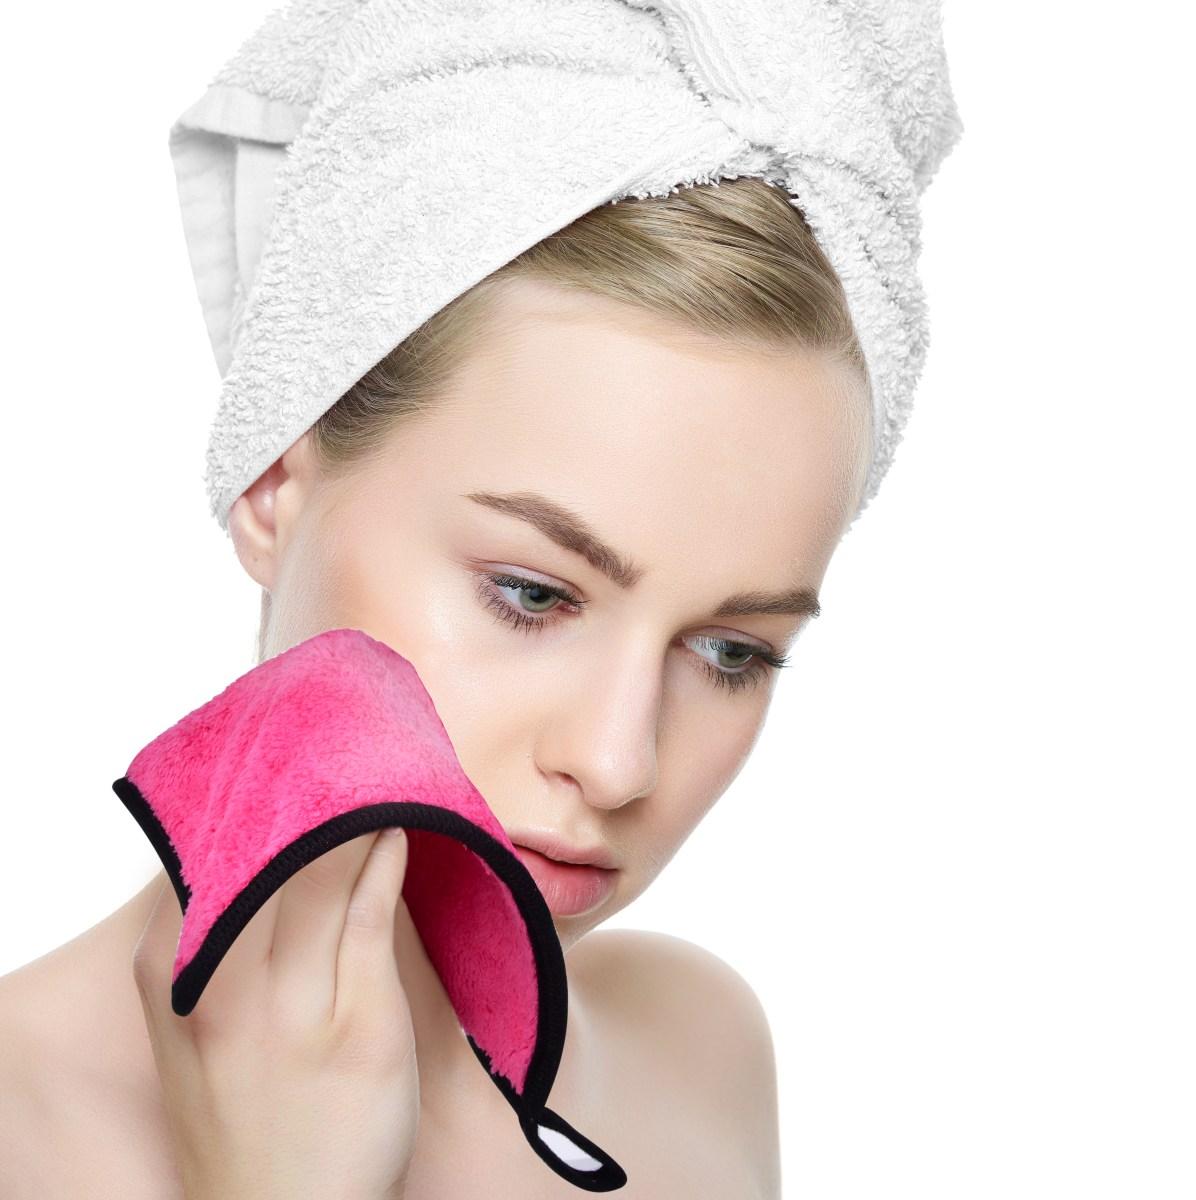 EKO-ODLIČOVAČ odličovací žínka z jemného mikrovlákna, na odstranění make-upu